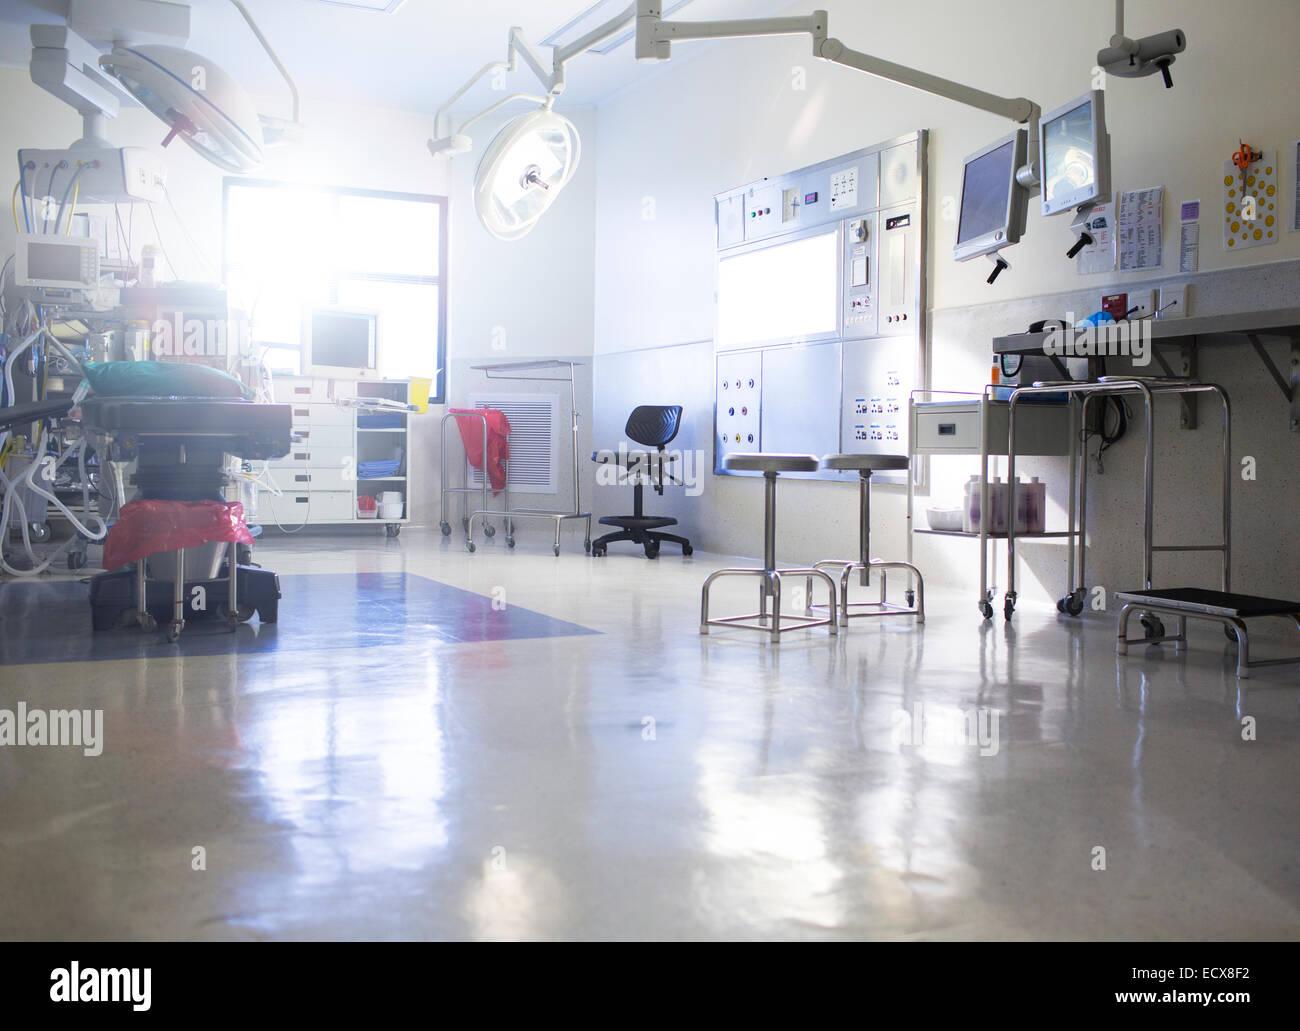 Matériel médical en salle d'opération Photo Stock